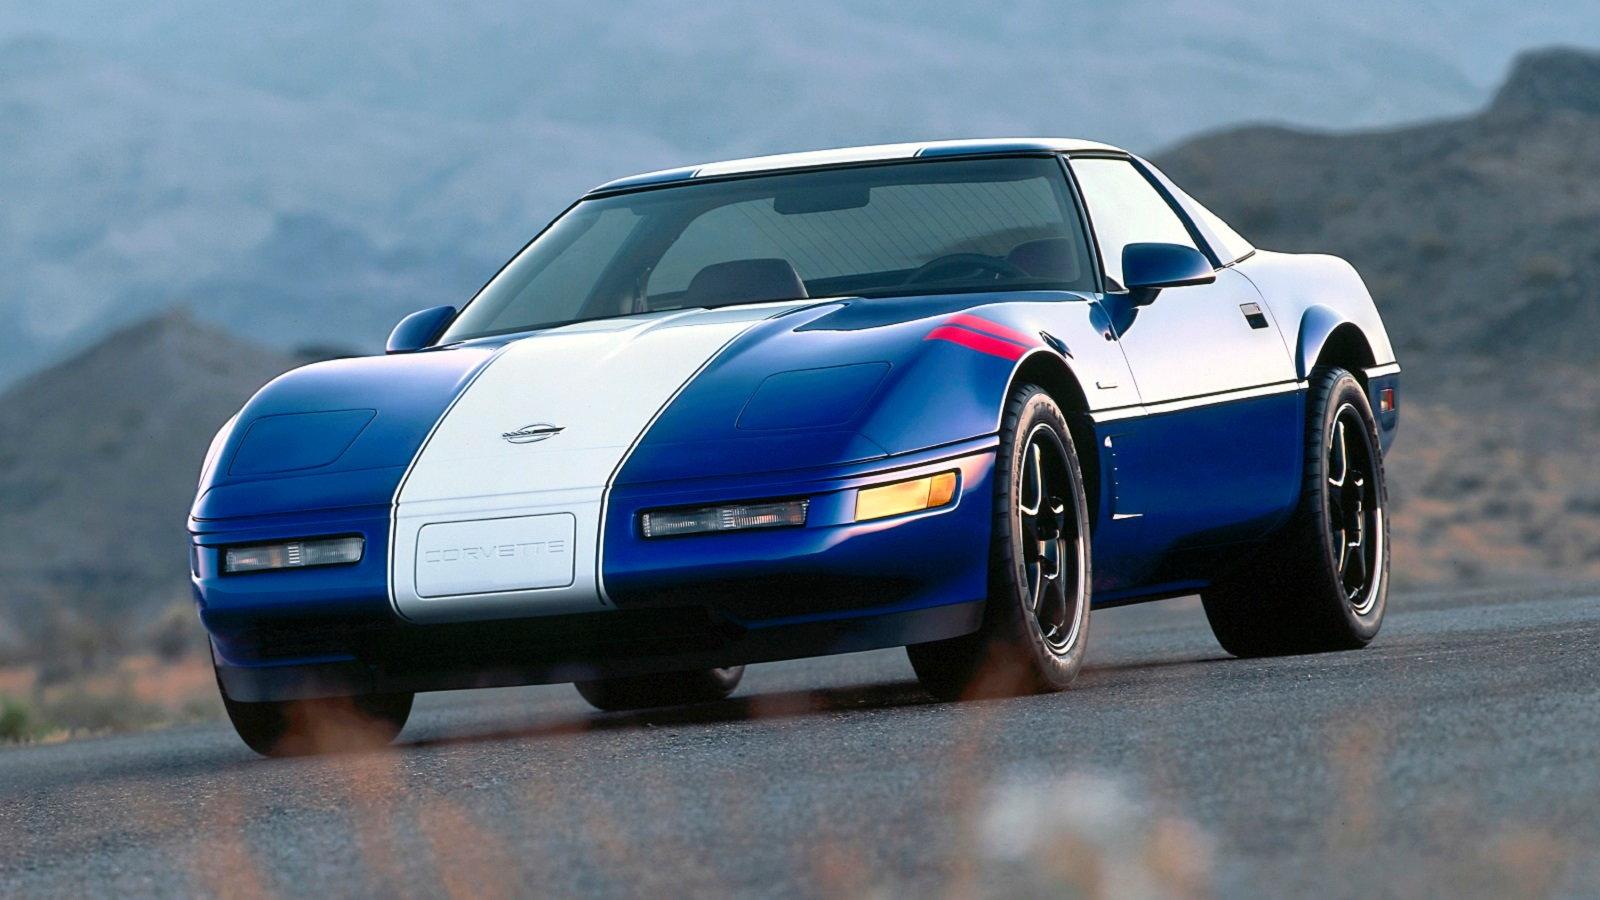 1996: Last of the C4 Corvettes